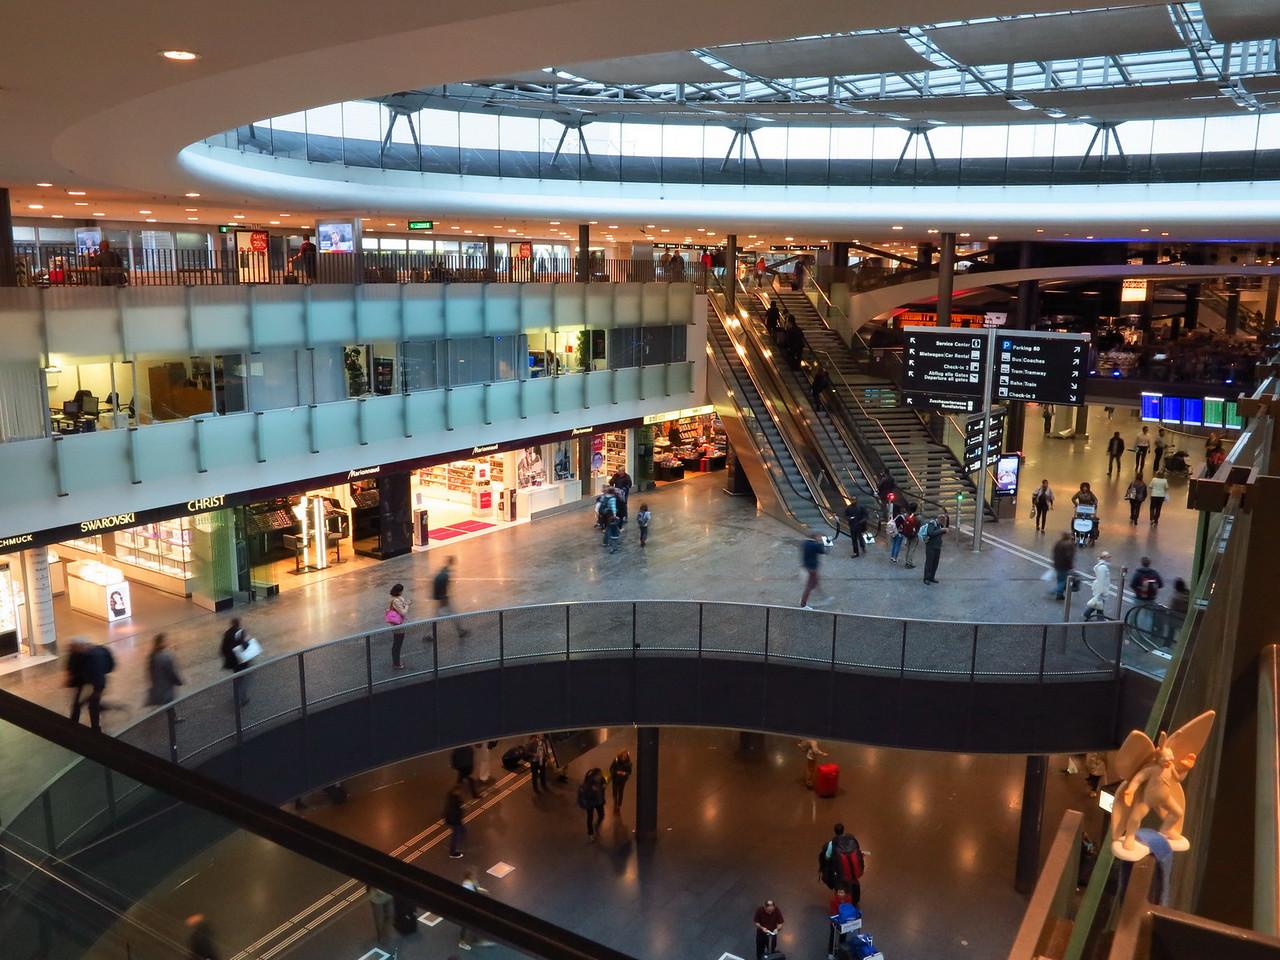 2015-10-06 Zurich airport